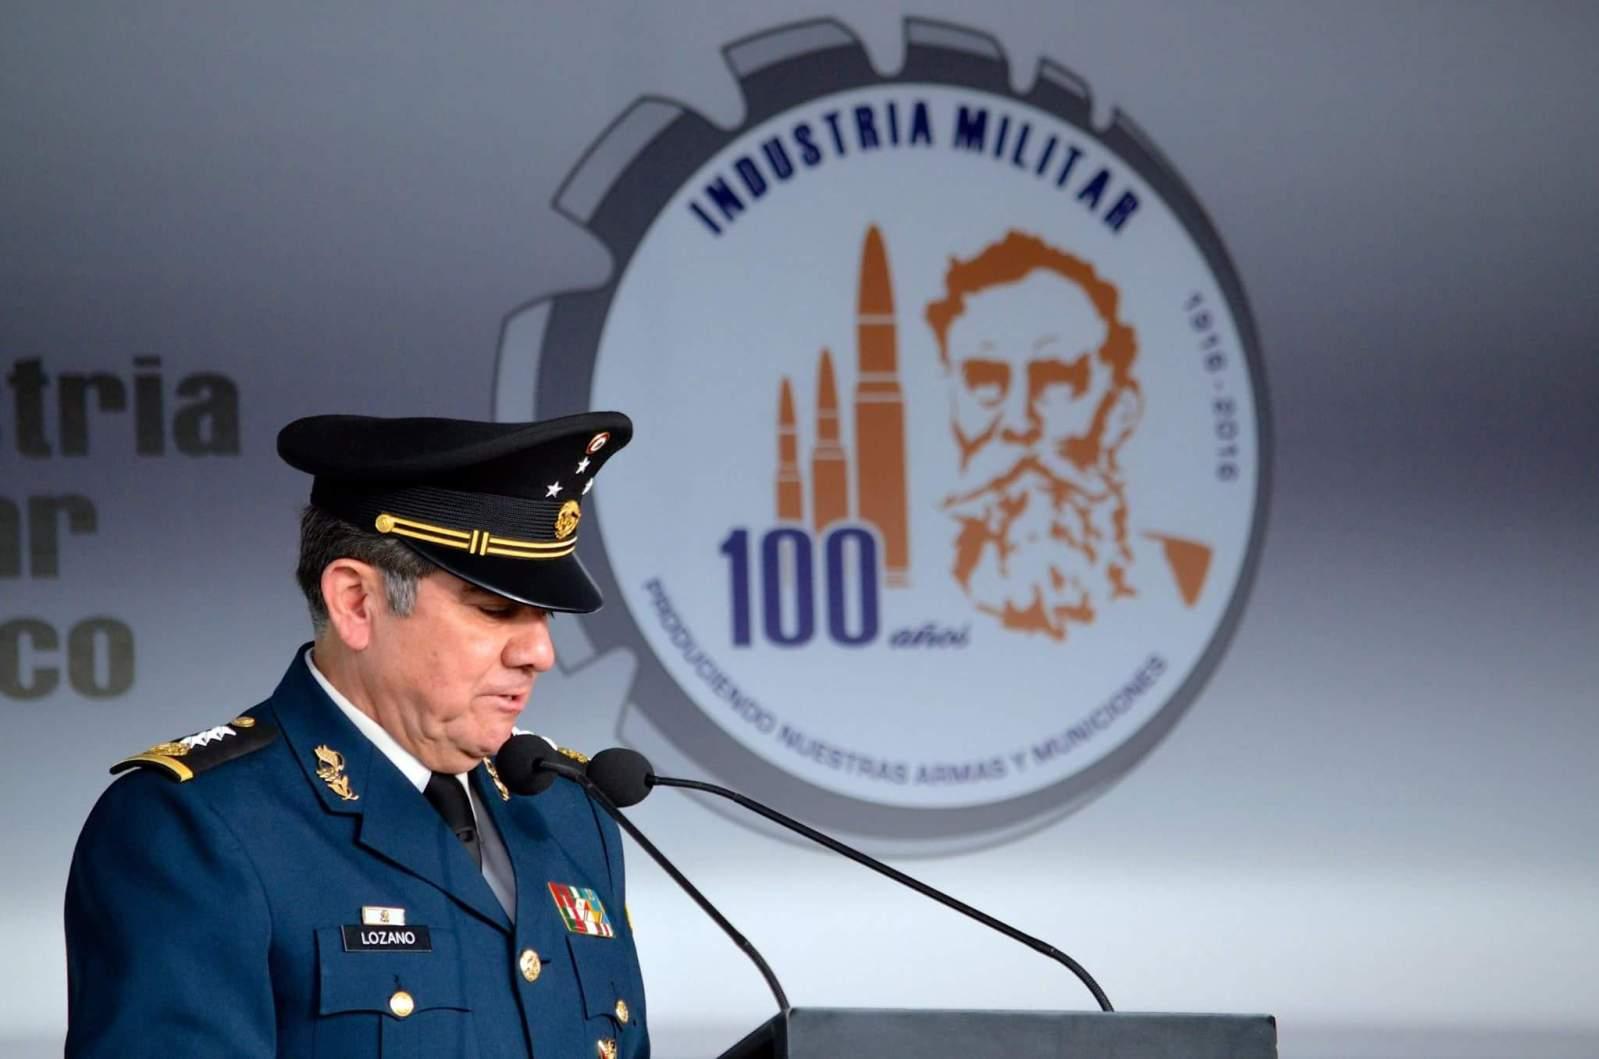 Industria Militar en Mexico - Página 3 20zu1y1